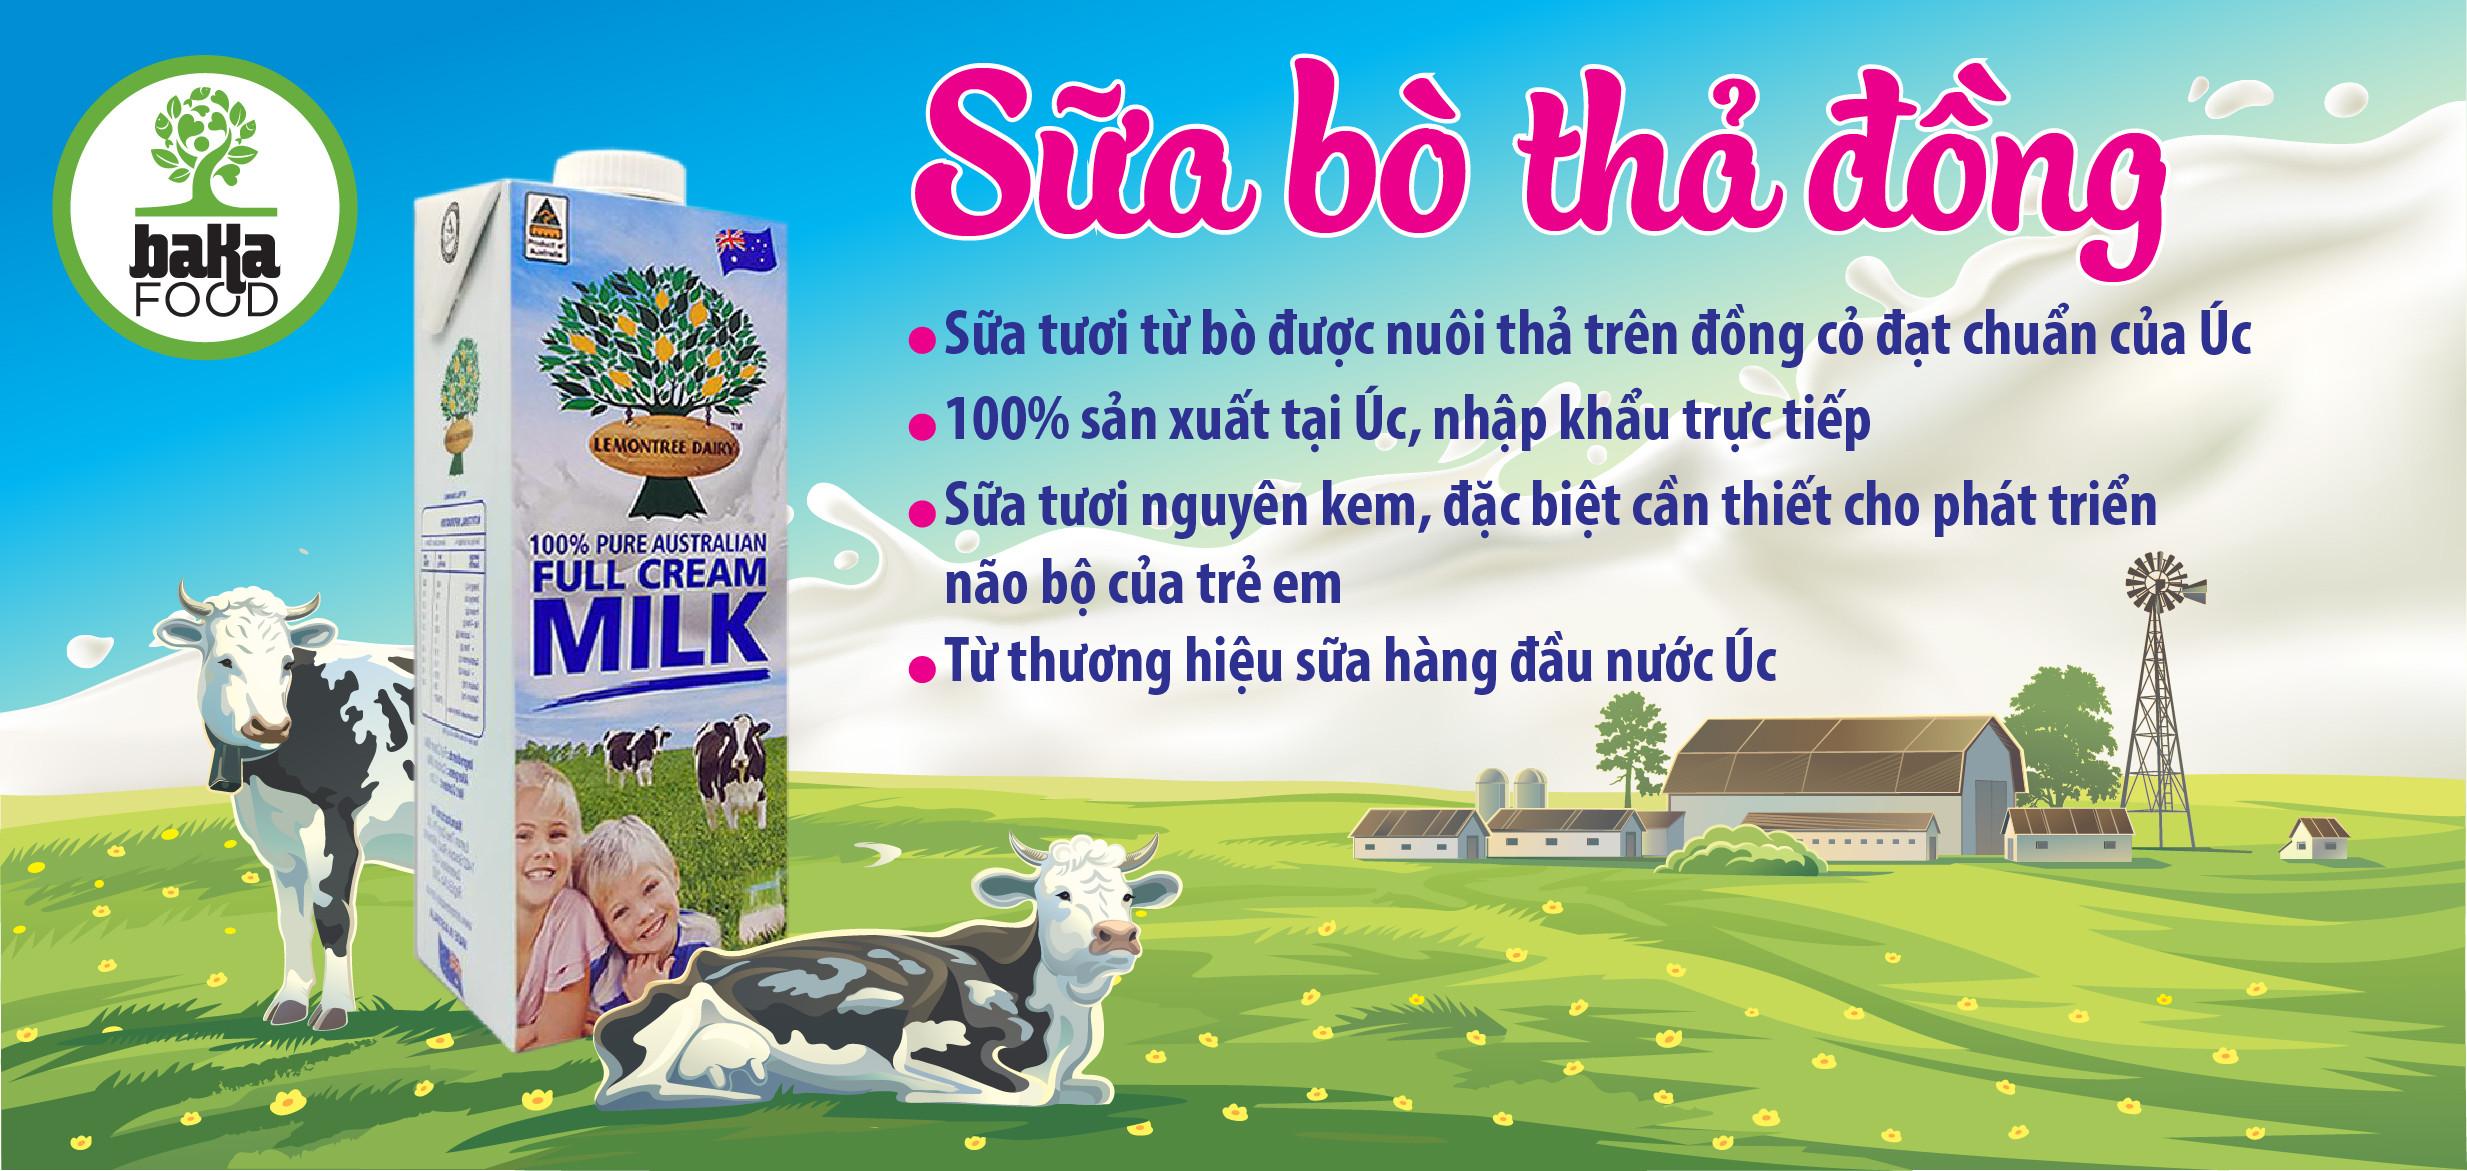 Sữa bò thả đồng